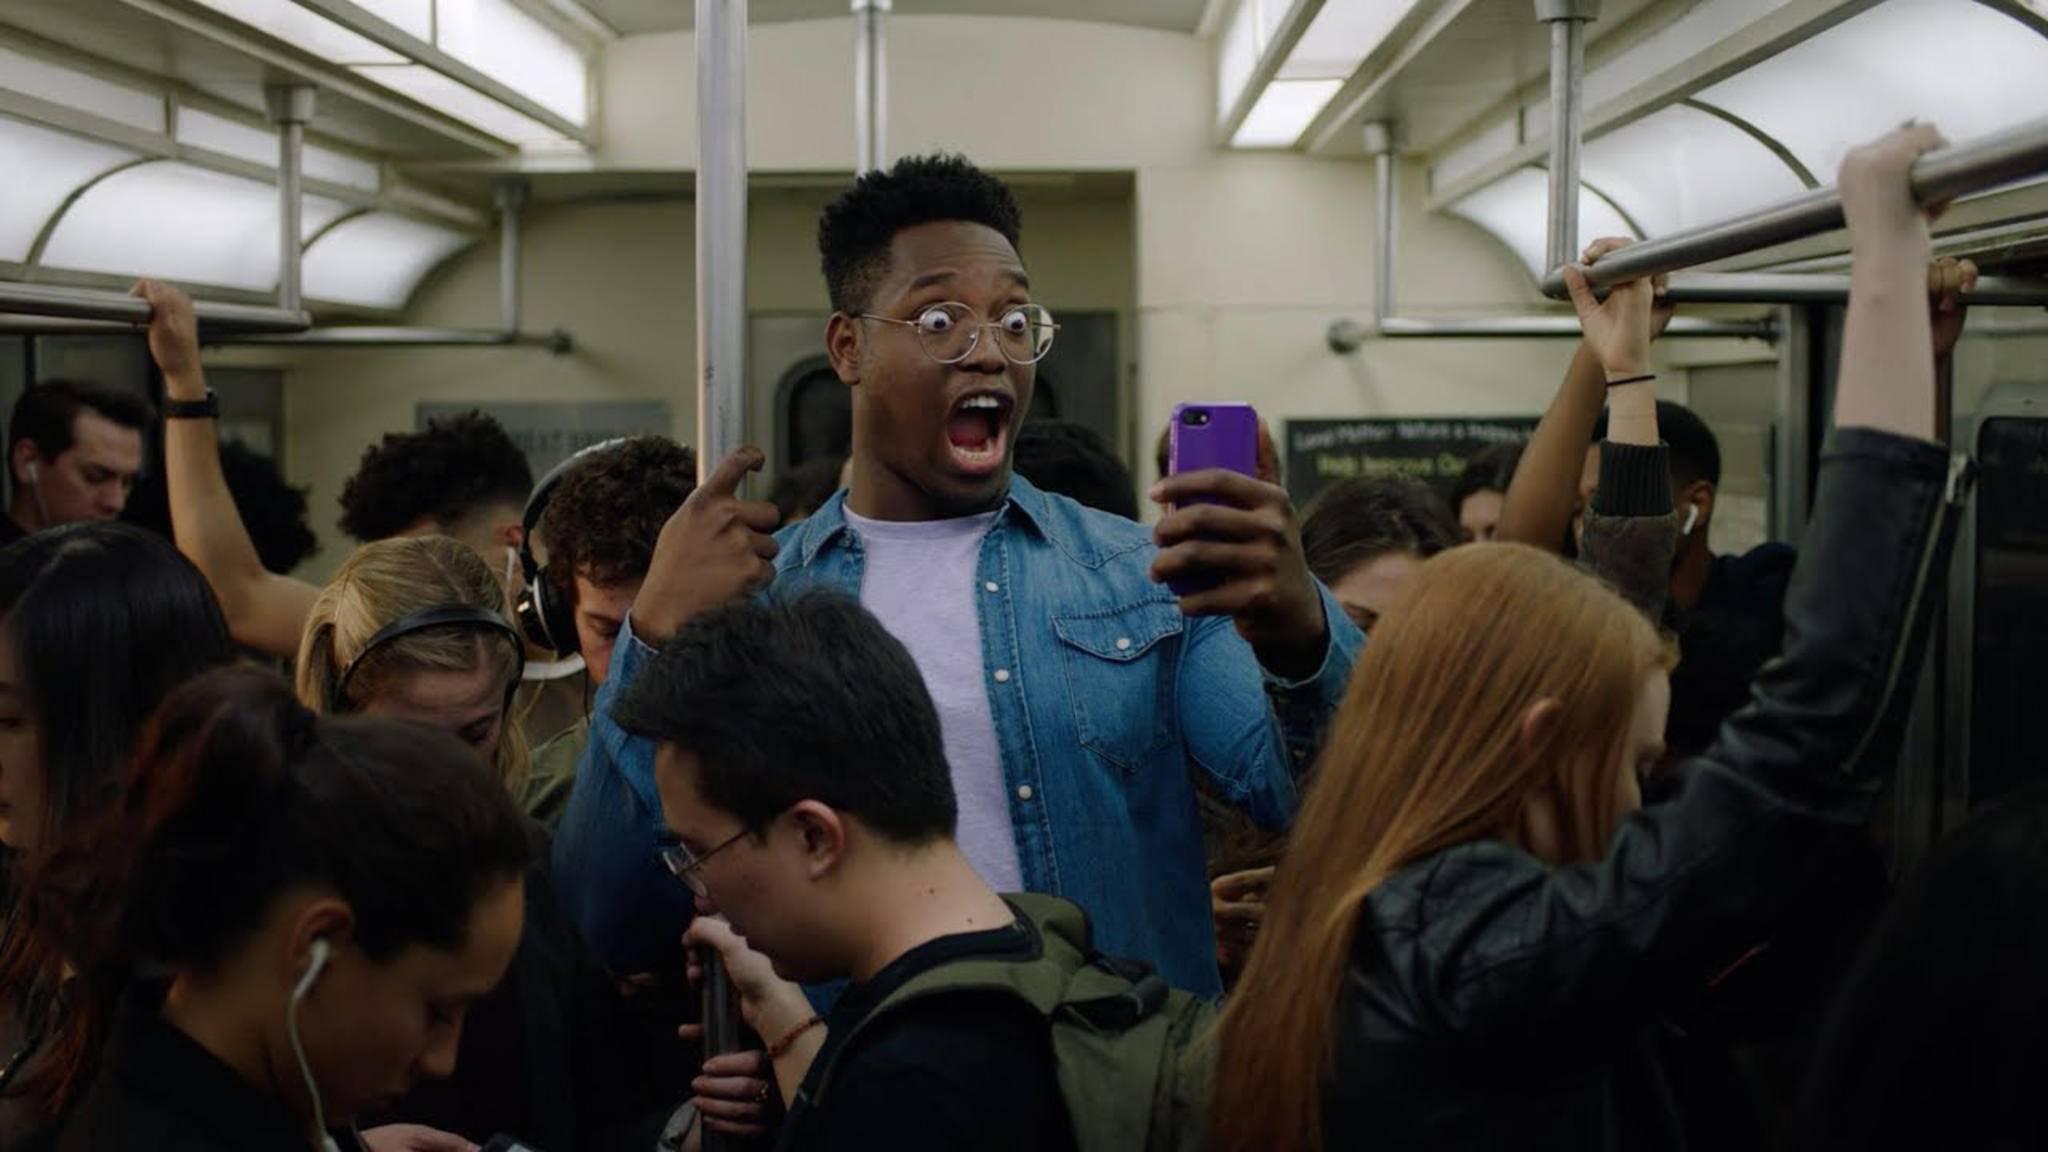 Die Snapchat-Spiele Snappables bekommen bald Gesellschaft durch noch mehr Mobile Games.